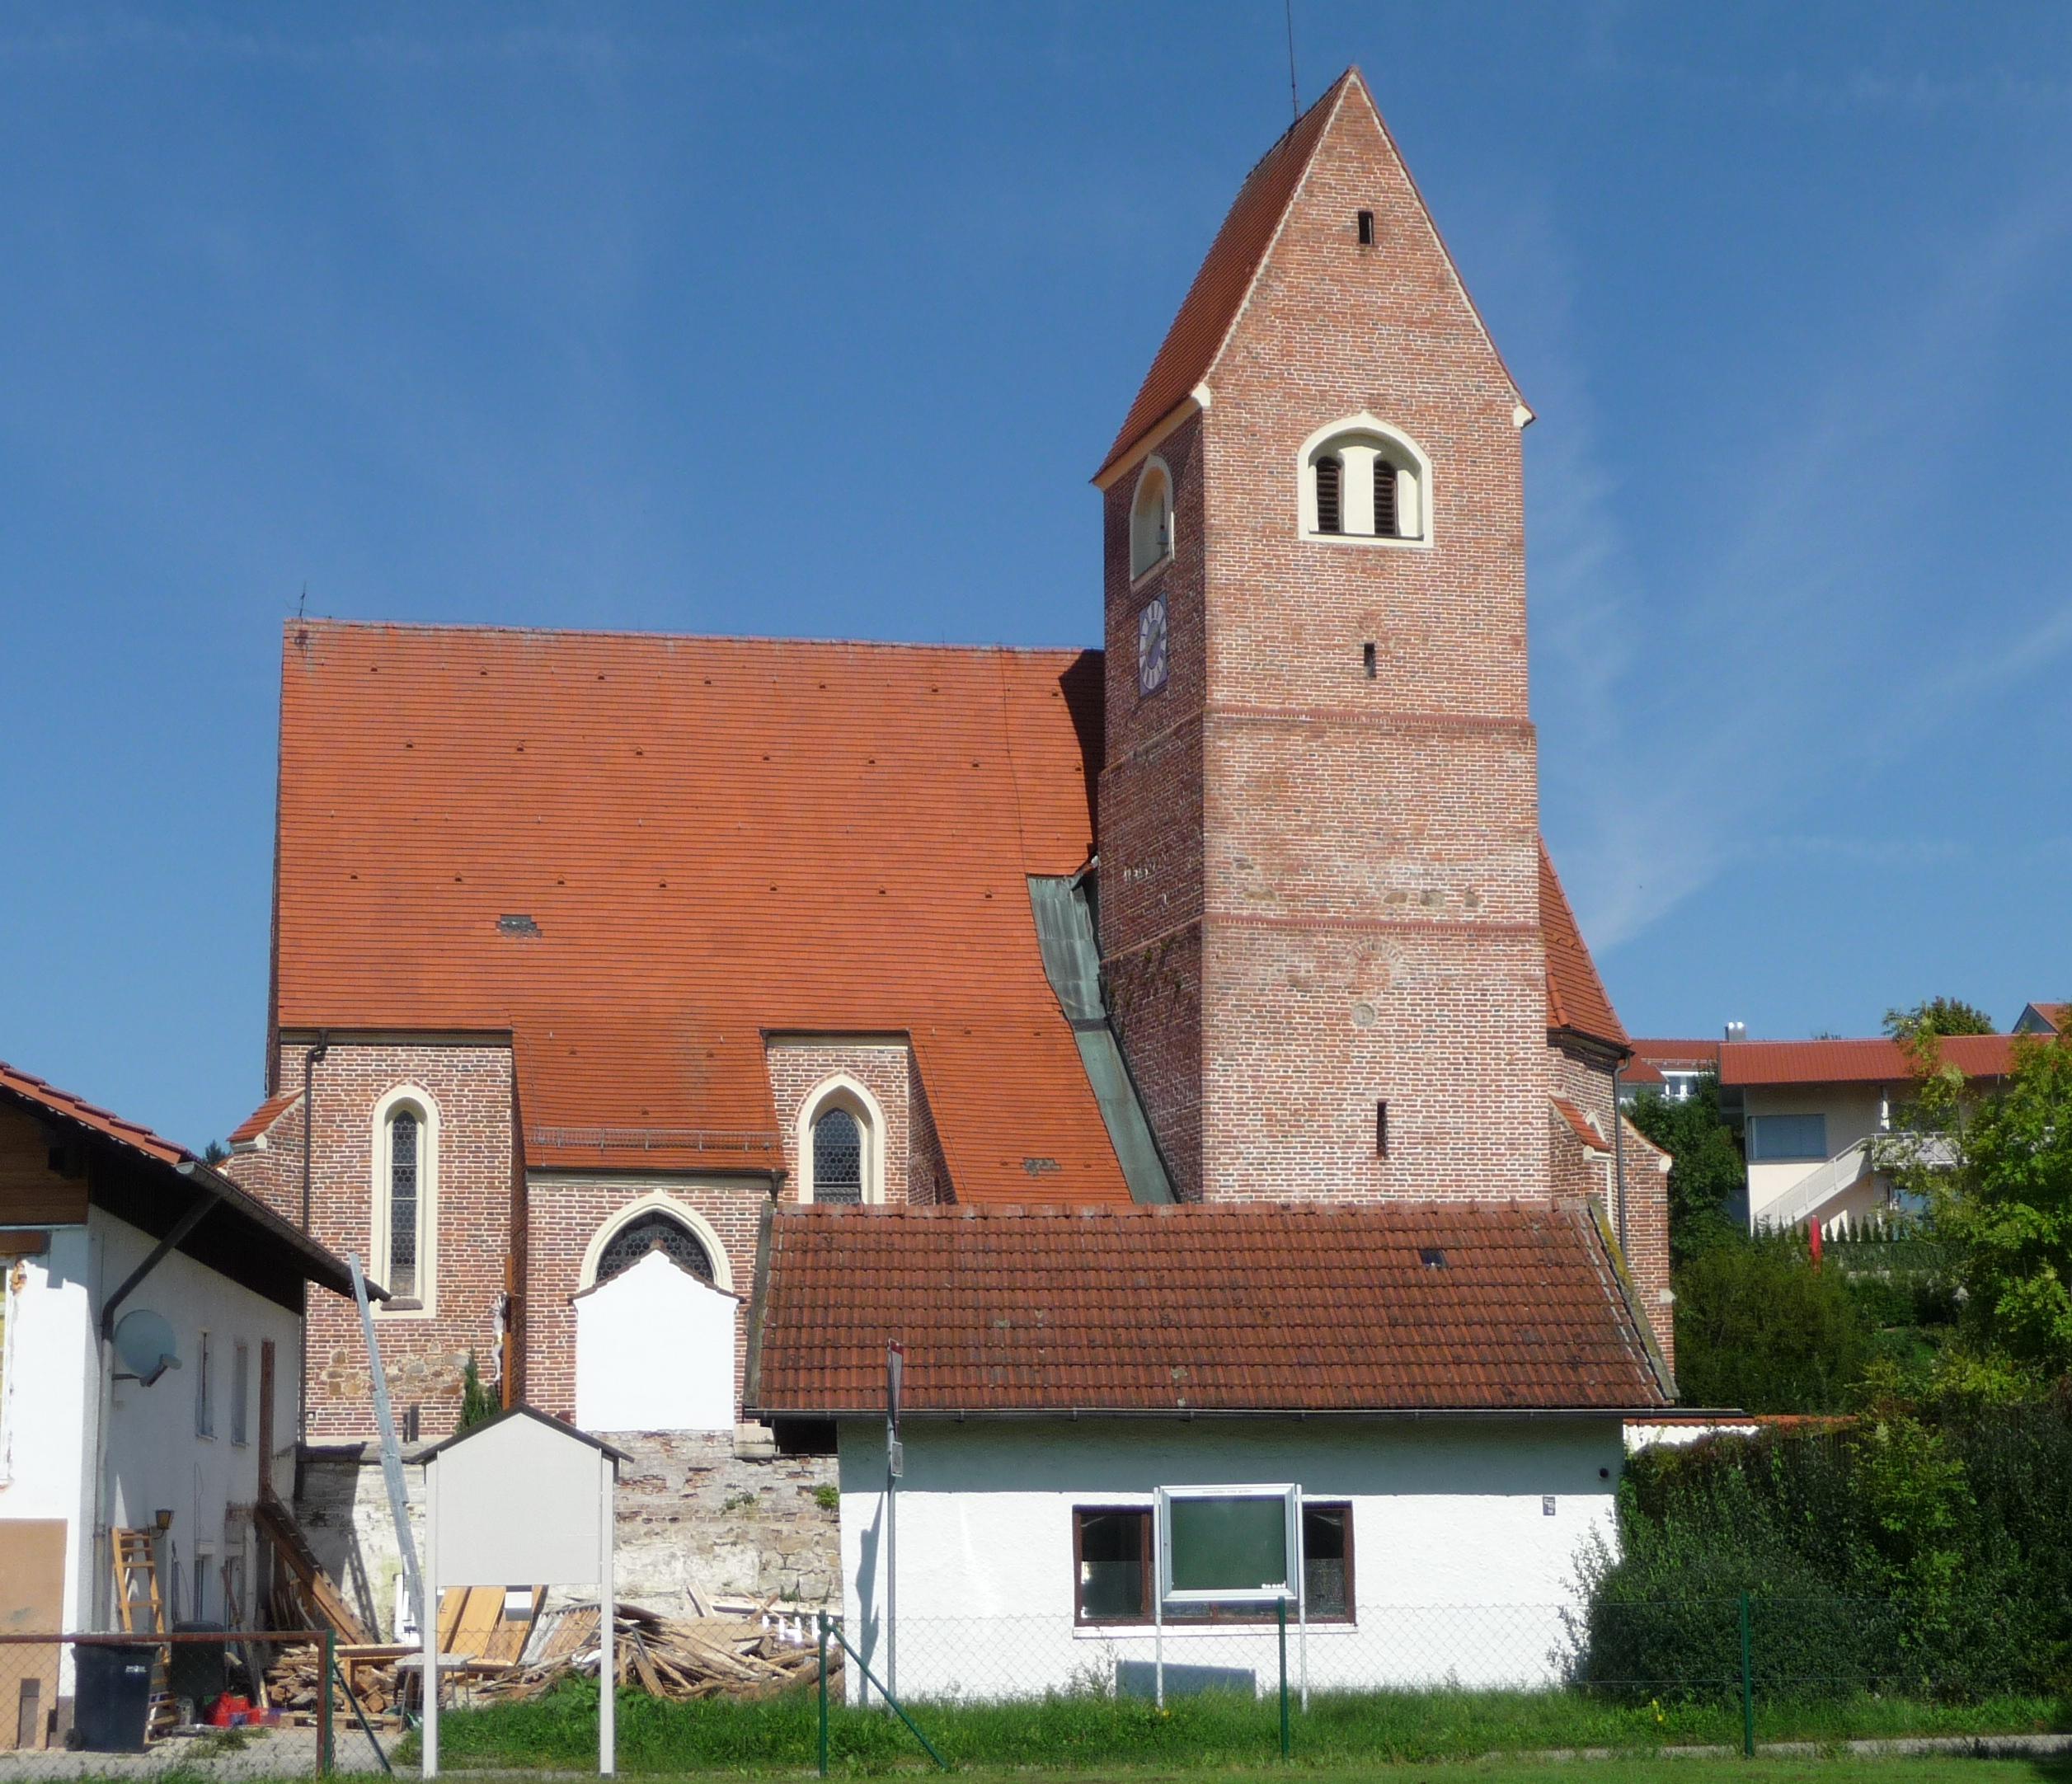 Pfarrkirche Uttlau